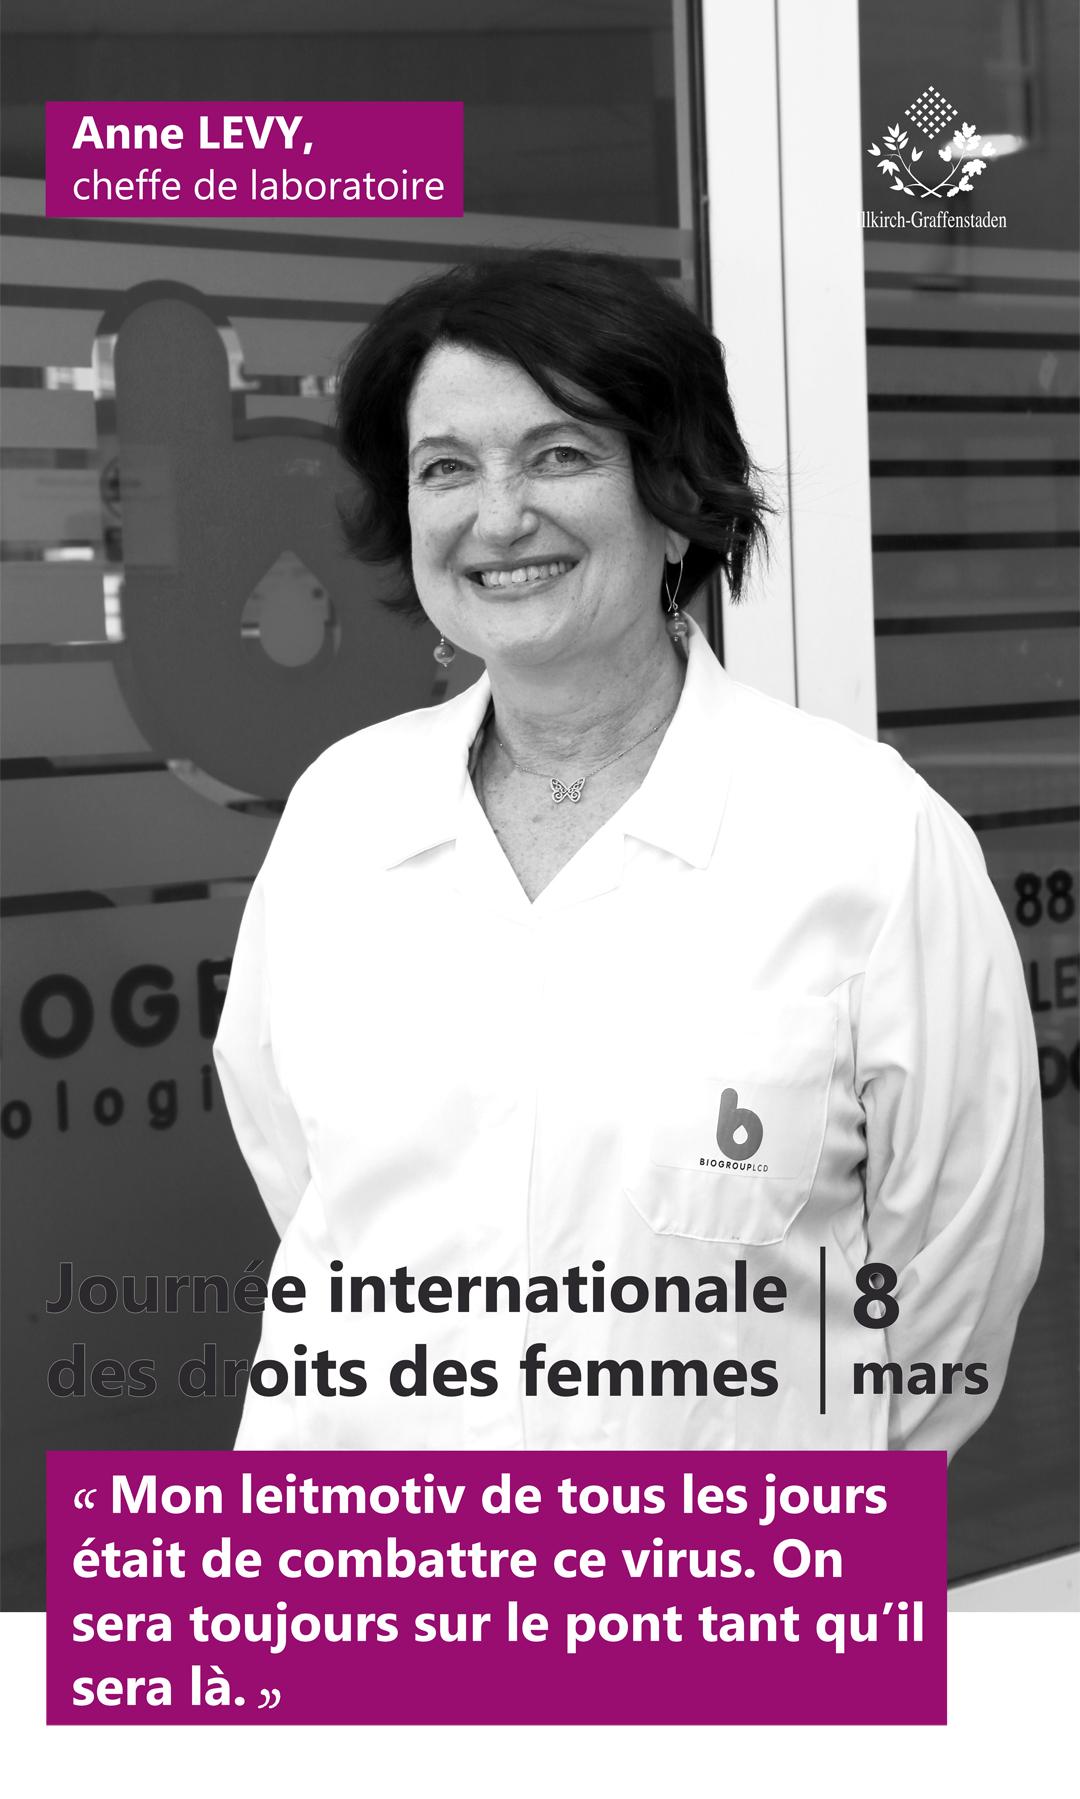 Anne Levy - Journée internationale des droits des femmes